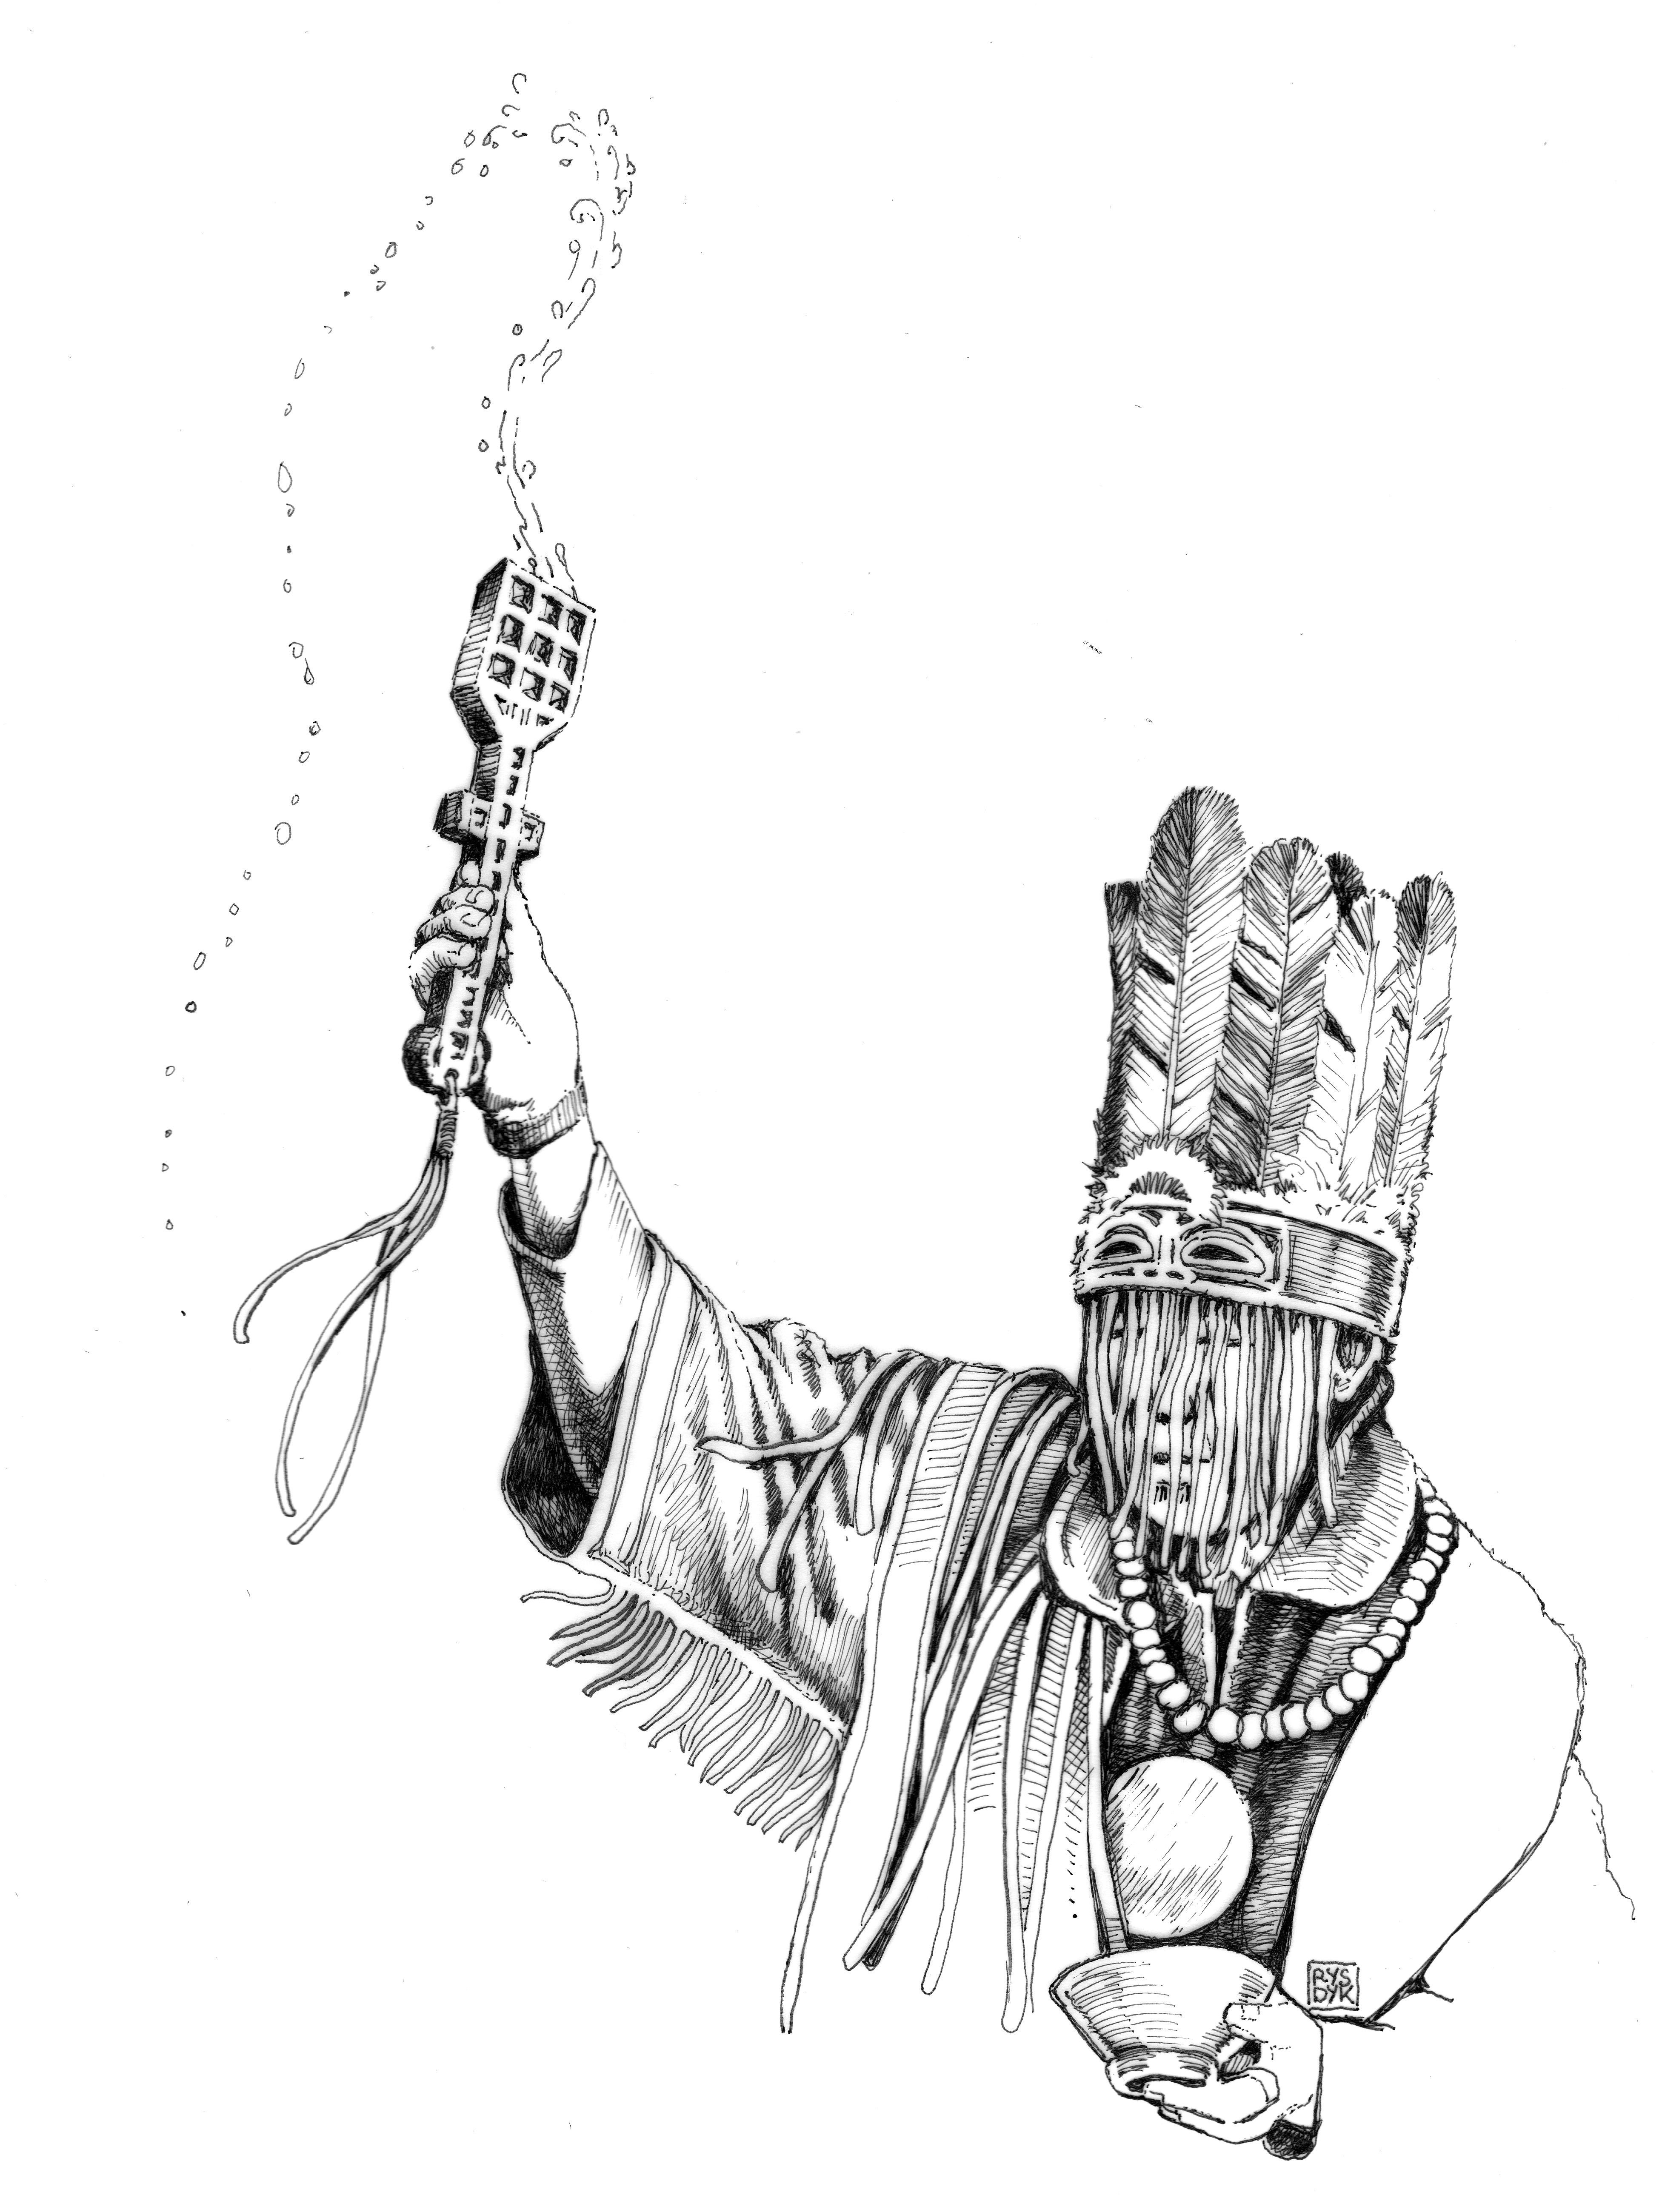 Tuvan shaman making a milk offering